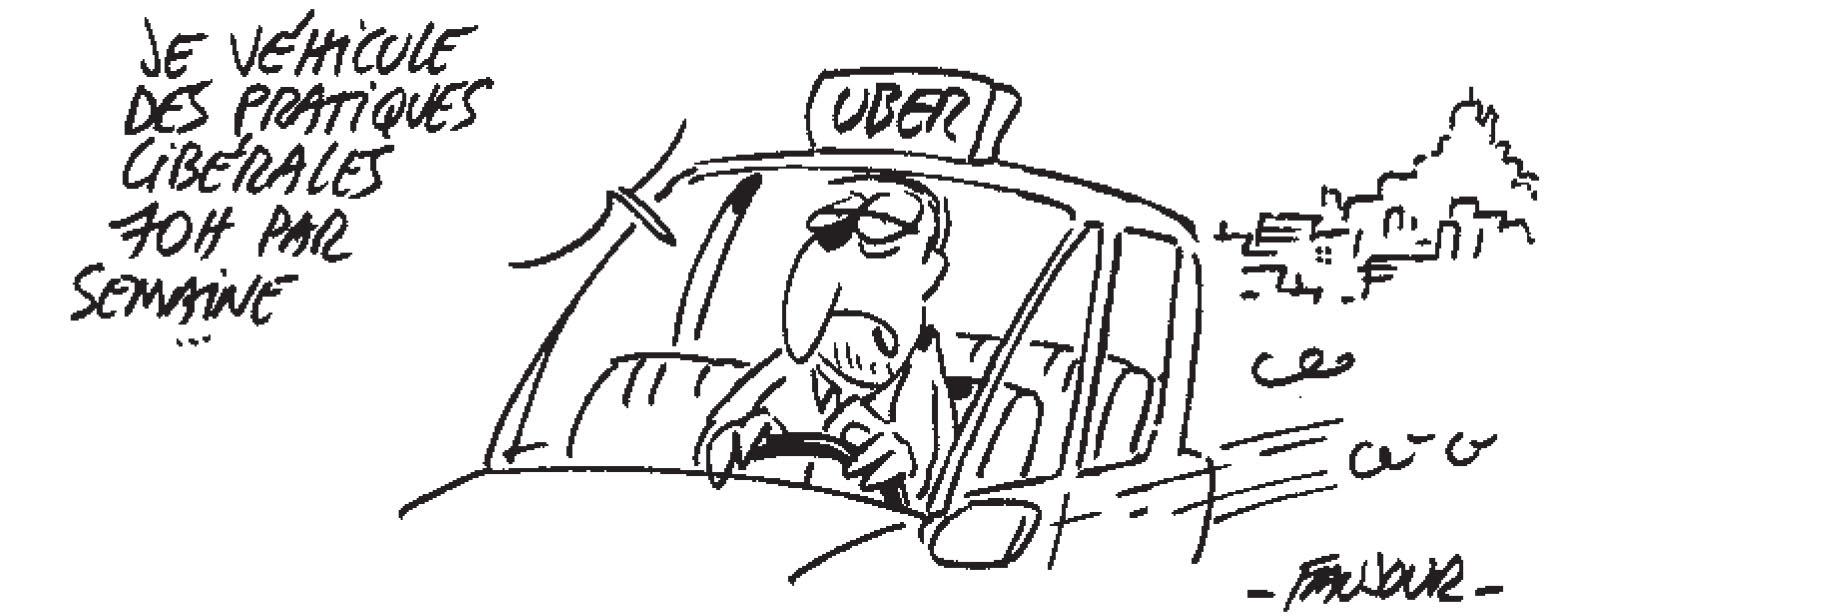 http://www.solidariteetprogres.org/IMG/jpg/uber.jpg